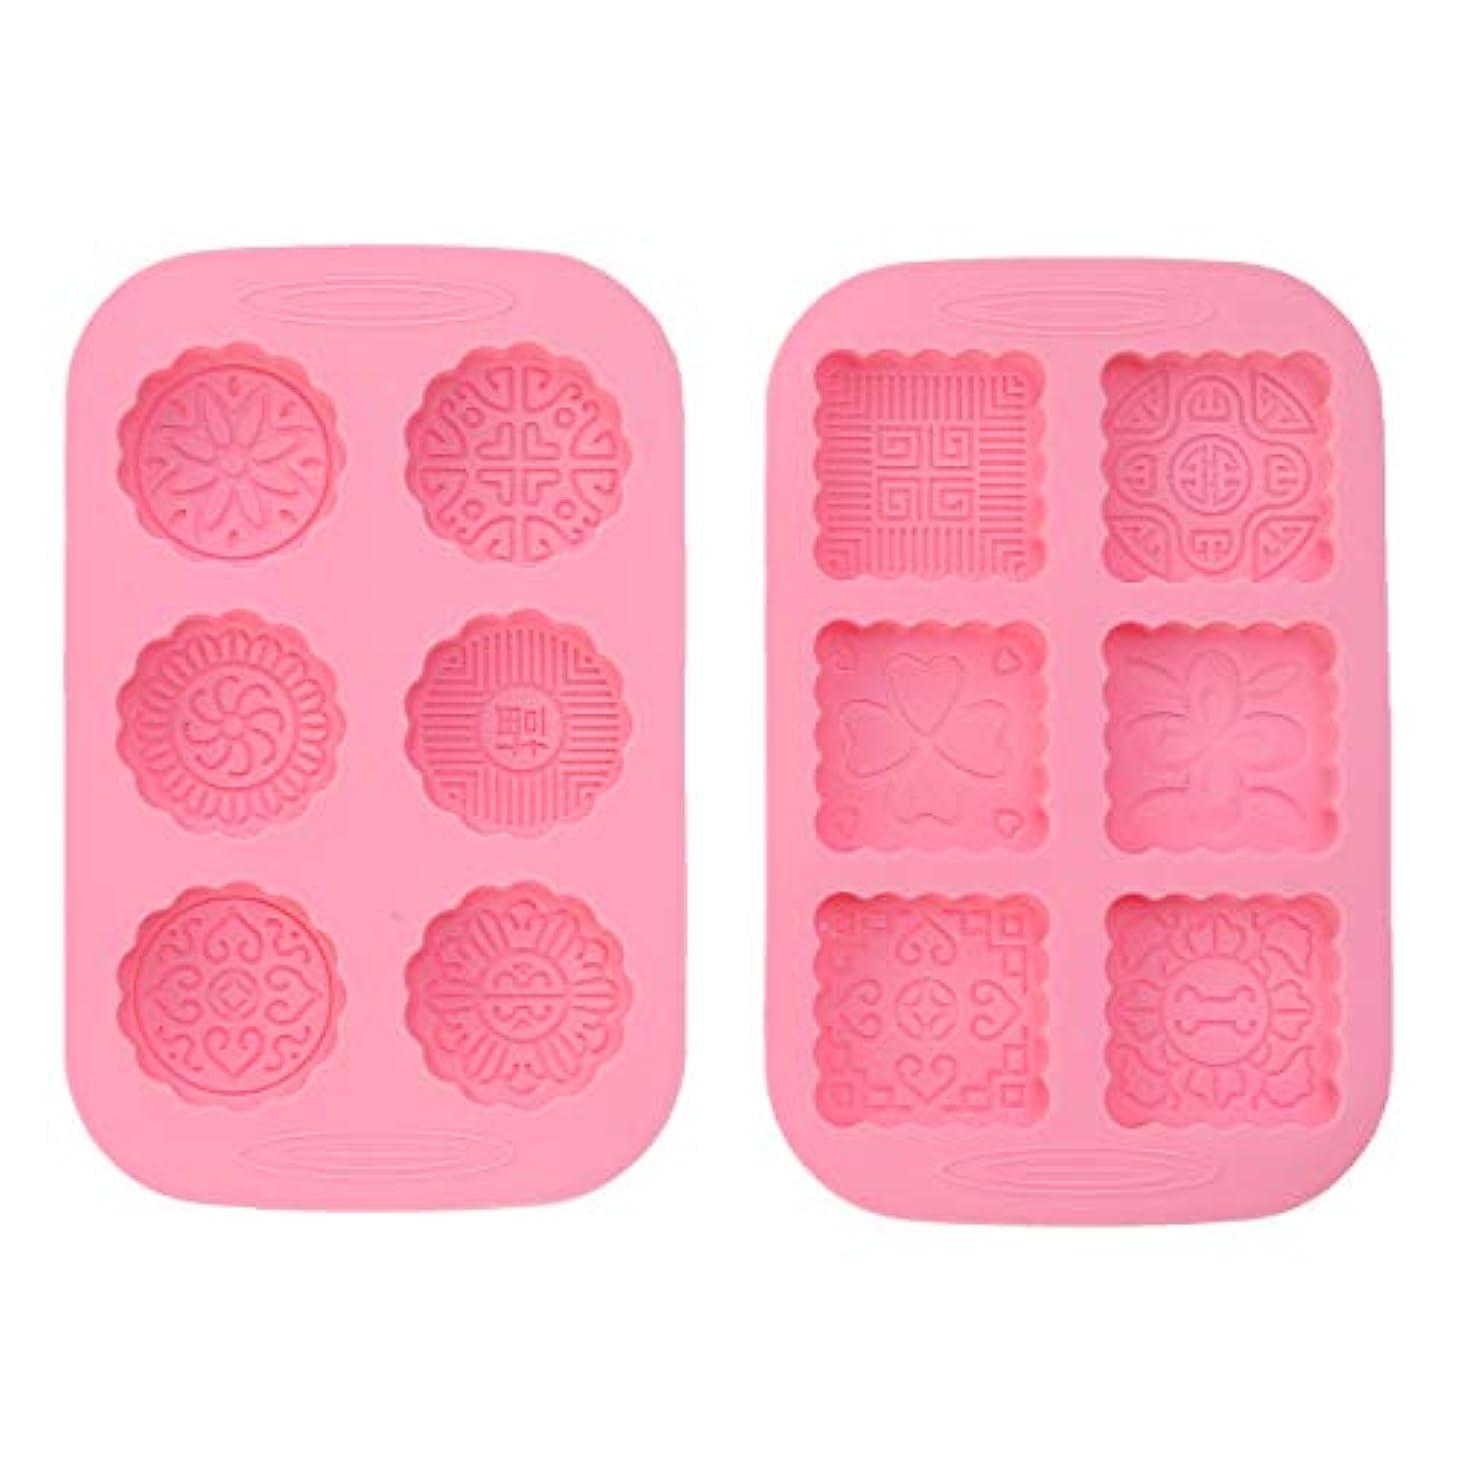 歌う口ひげフラフープHealifty チョコレート石鹸パンのための2本の月餅型の花型(ピンク)